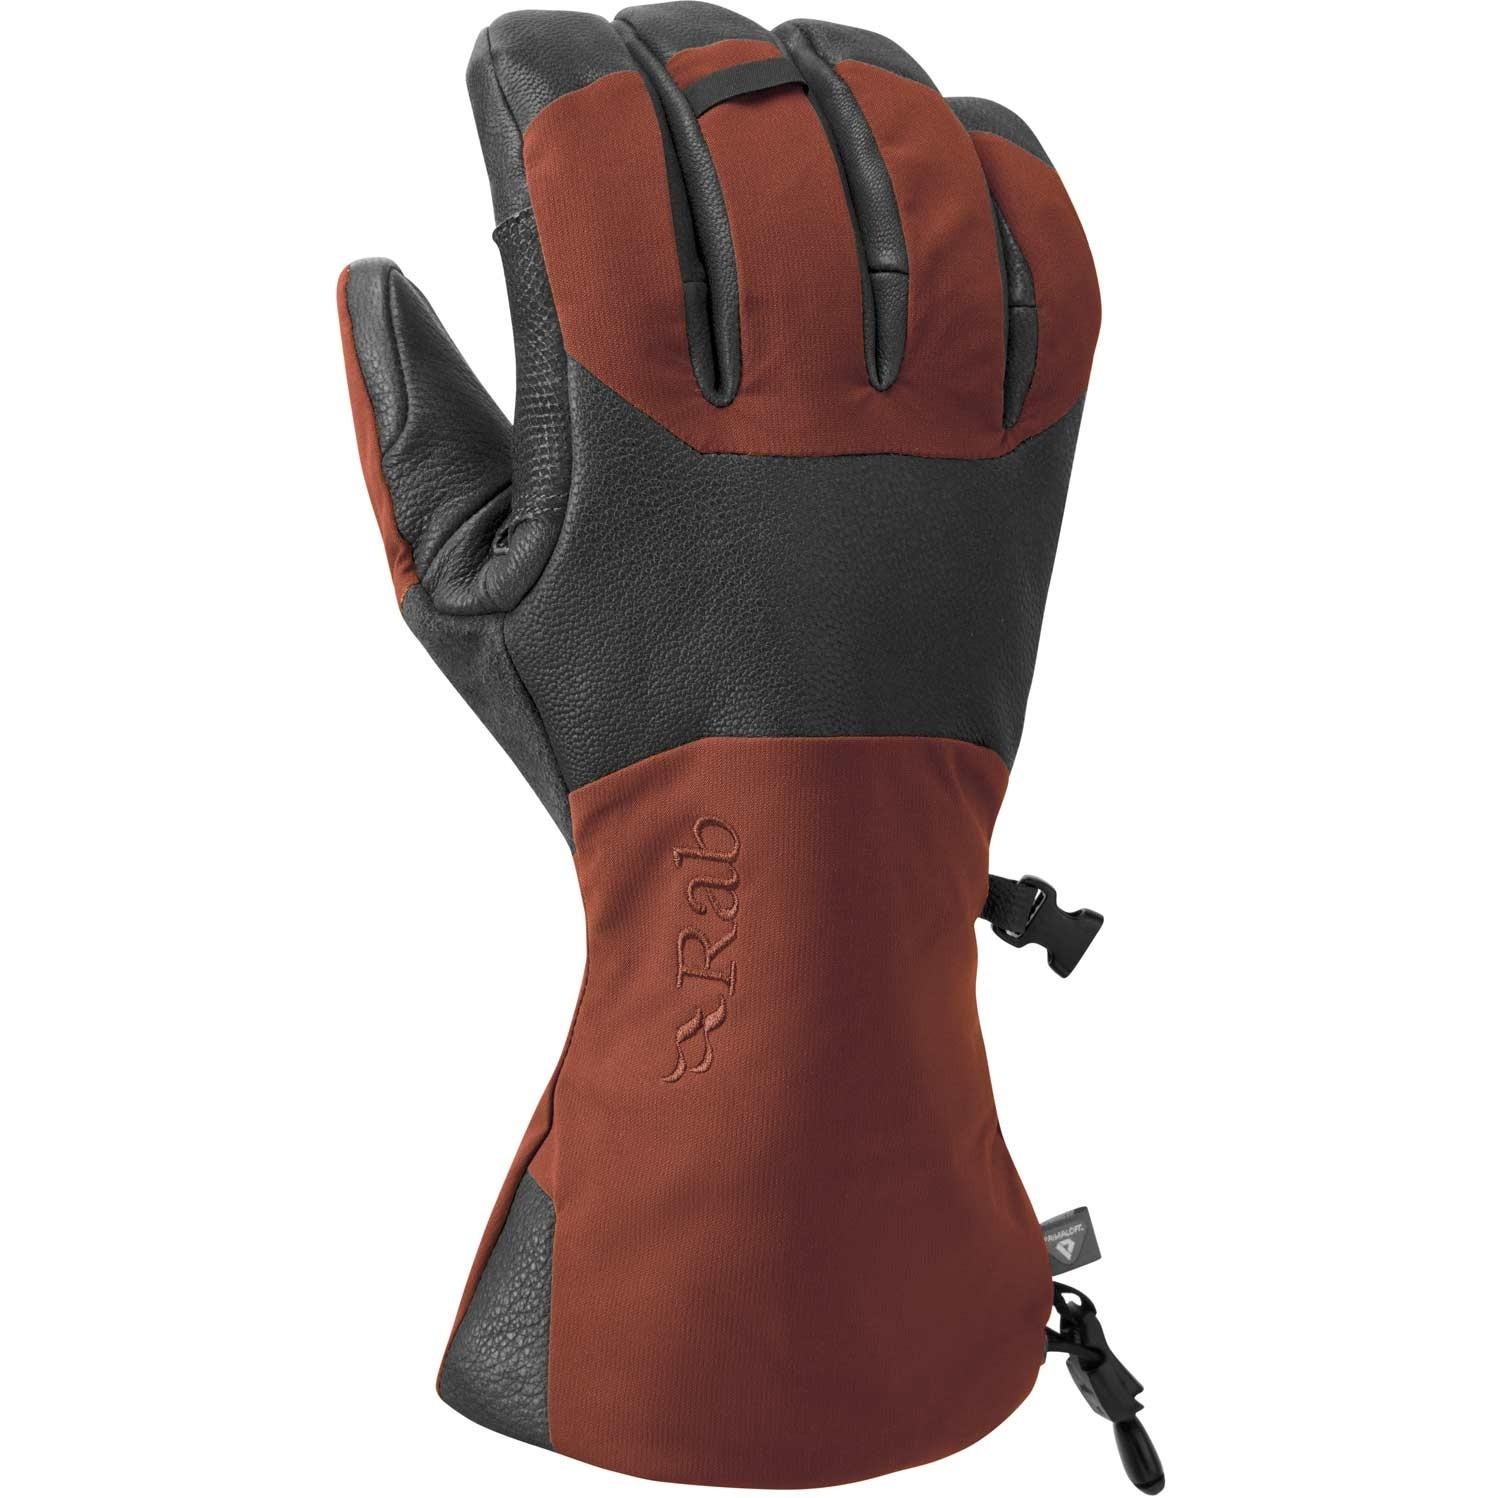 Rab Guide 2 GTX Glove - Dark Clay